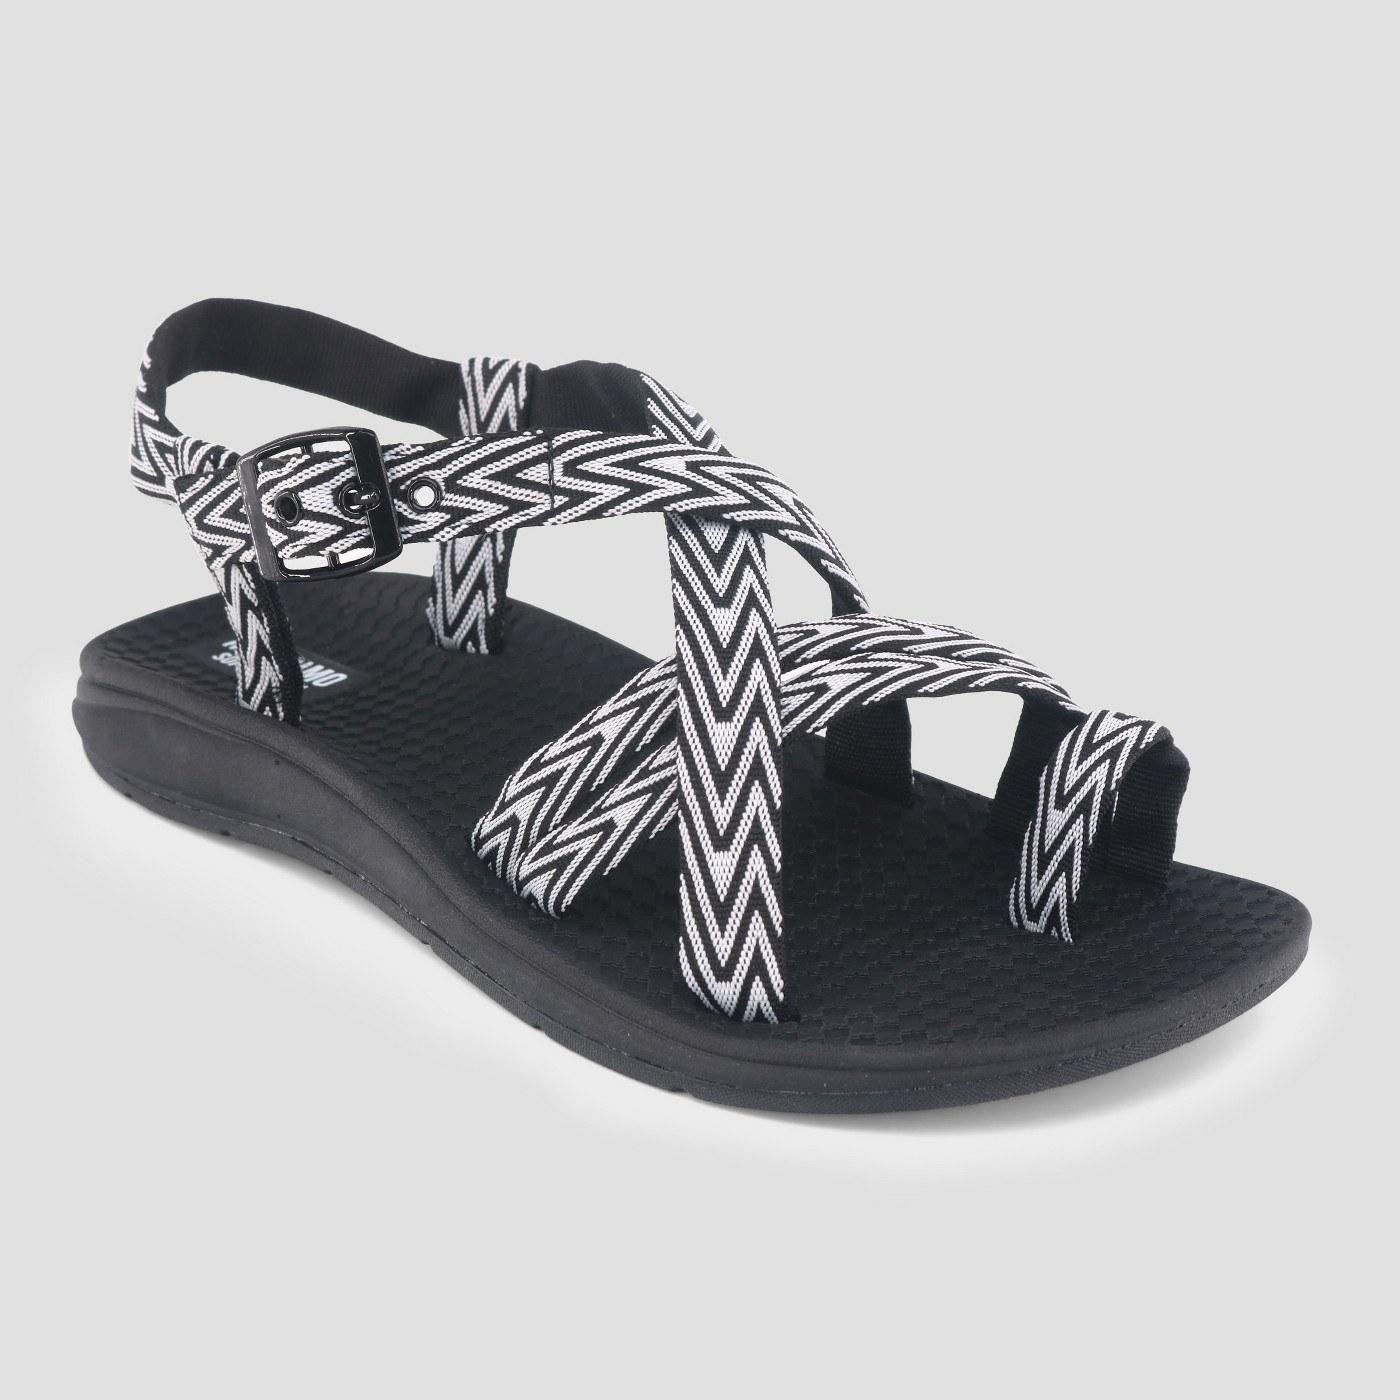 Best Of Sandals 21 The For Walking KT1FlJc